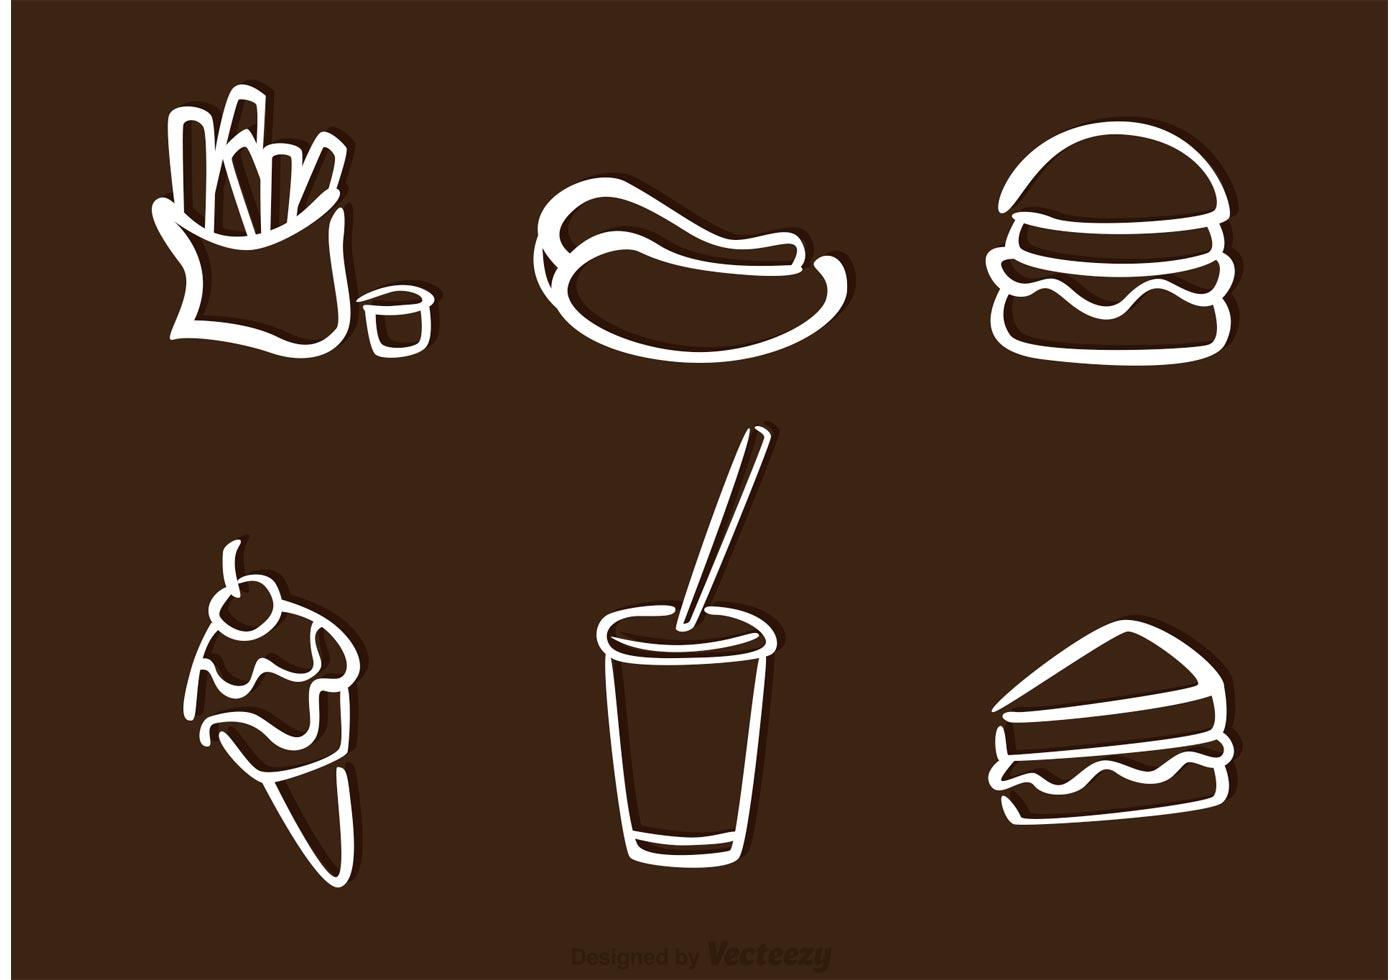 餐廳 icon 免費下載 | 天天瘋後製